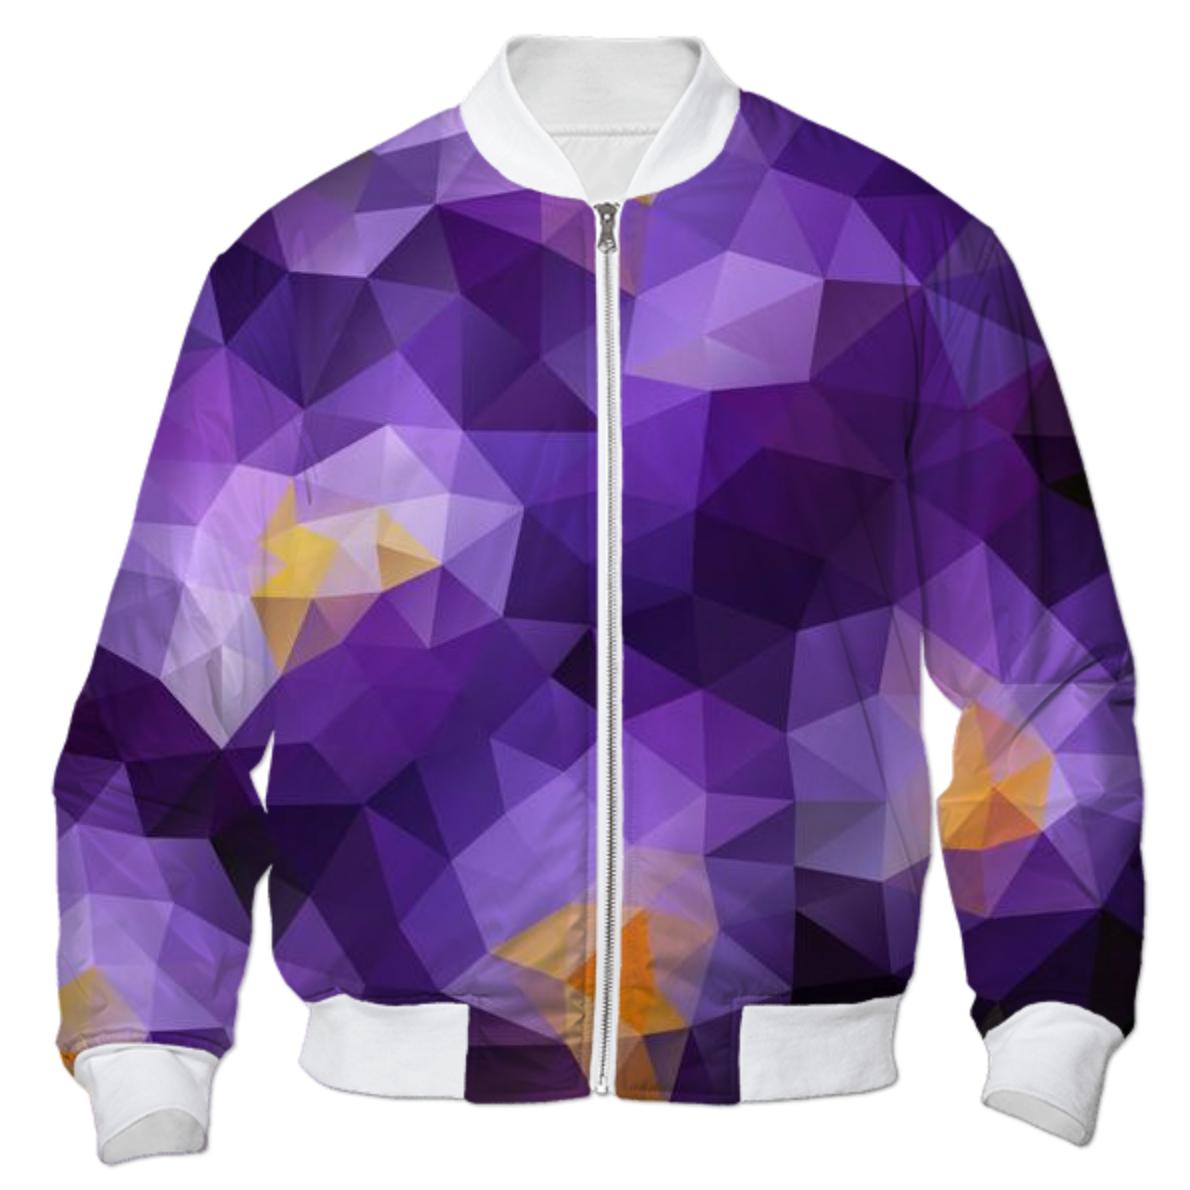 Bomber jacket purple – New Fashion Photo Blog